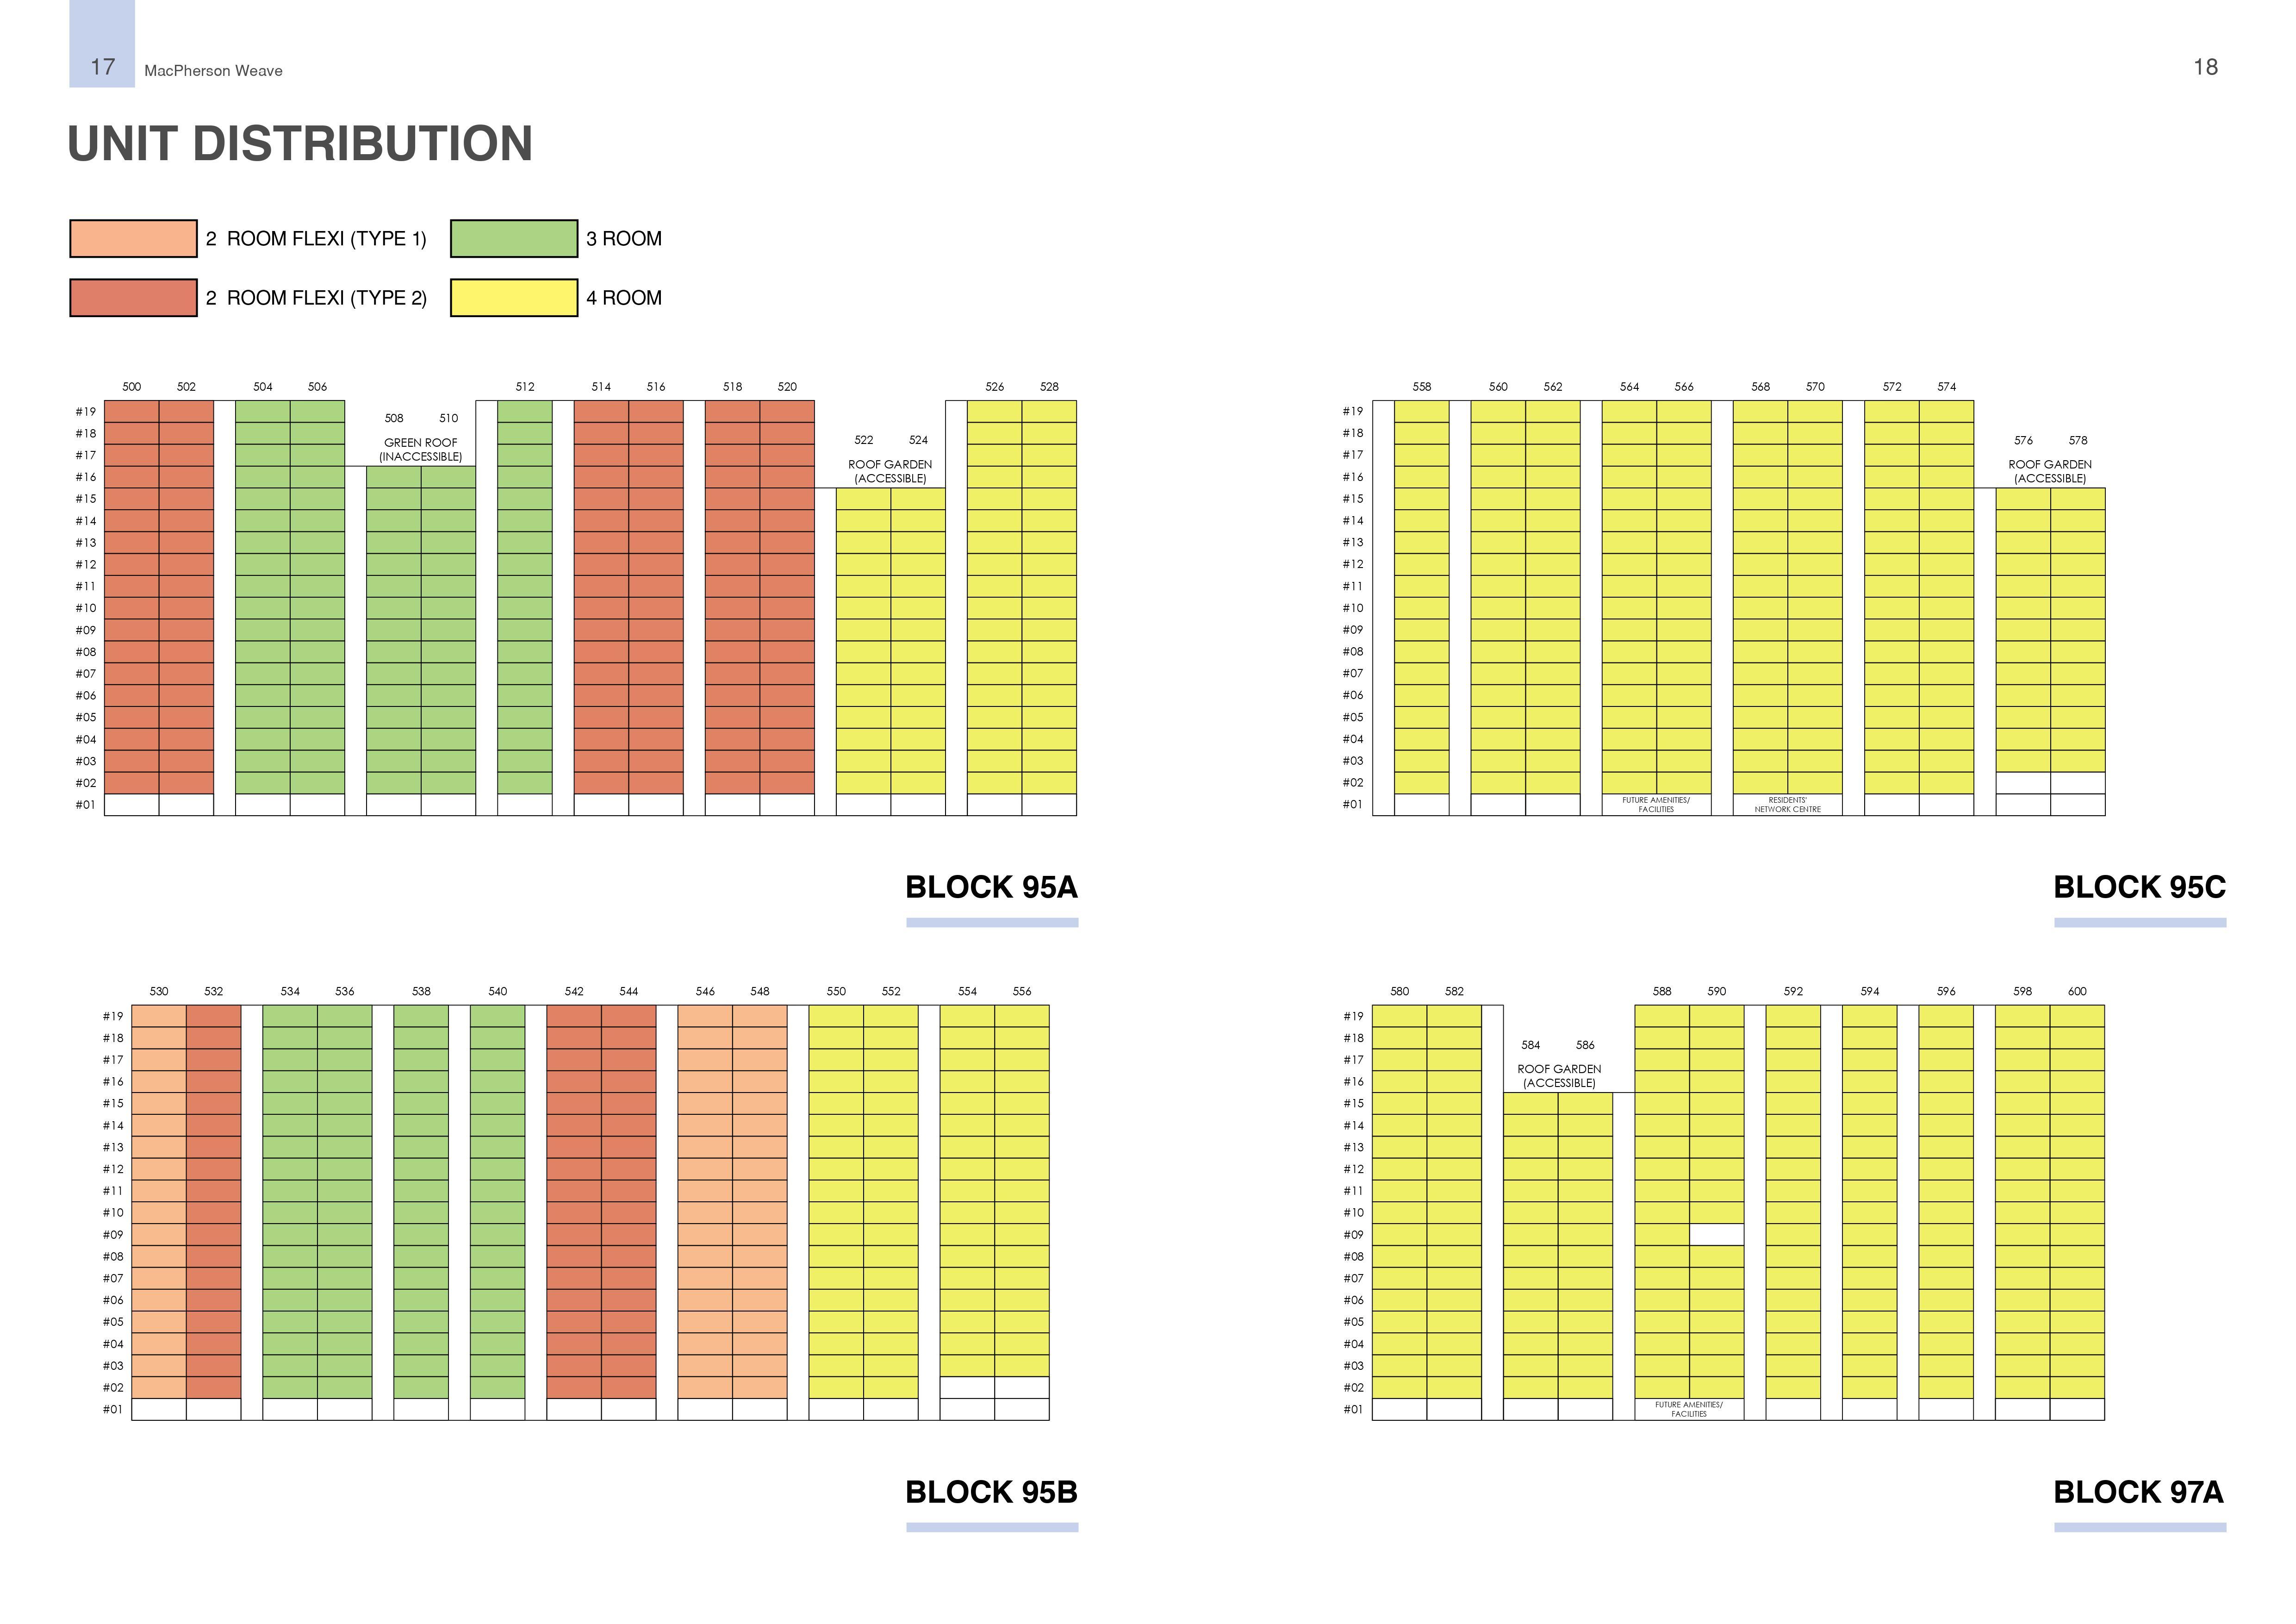 MacPherson Weave Unit Distribution